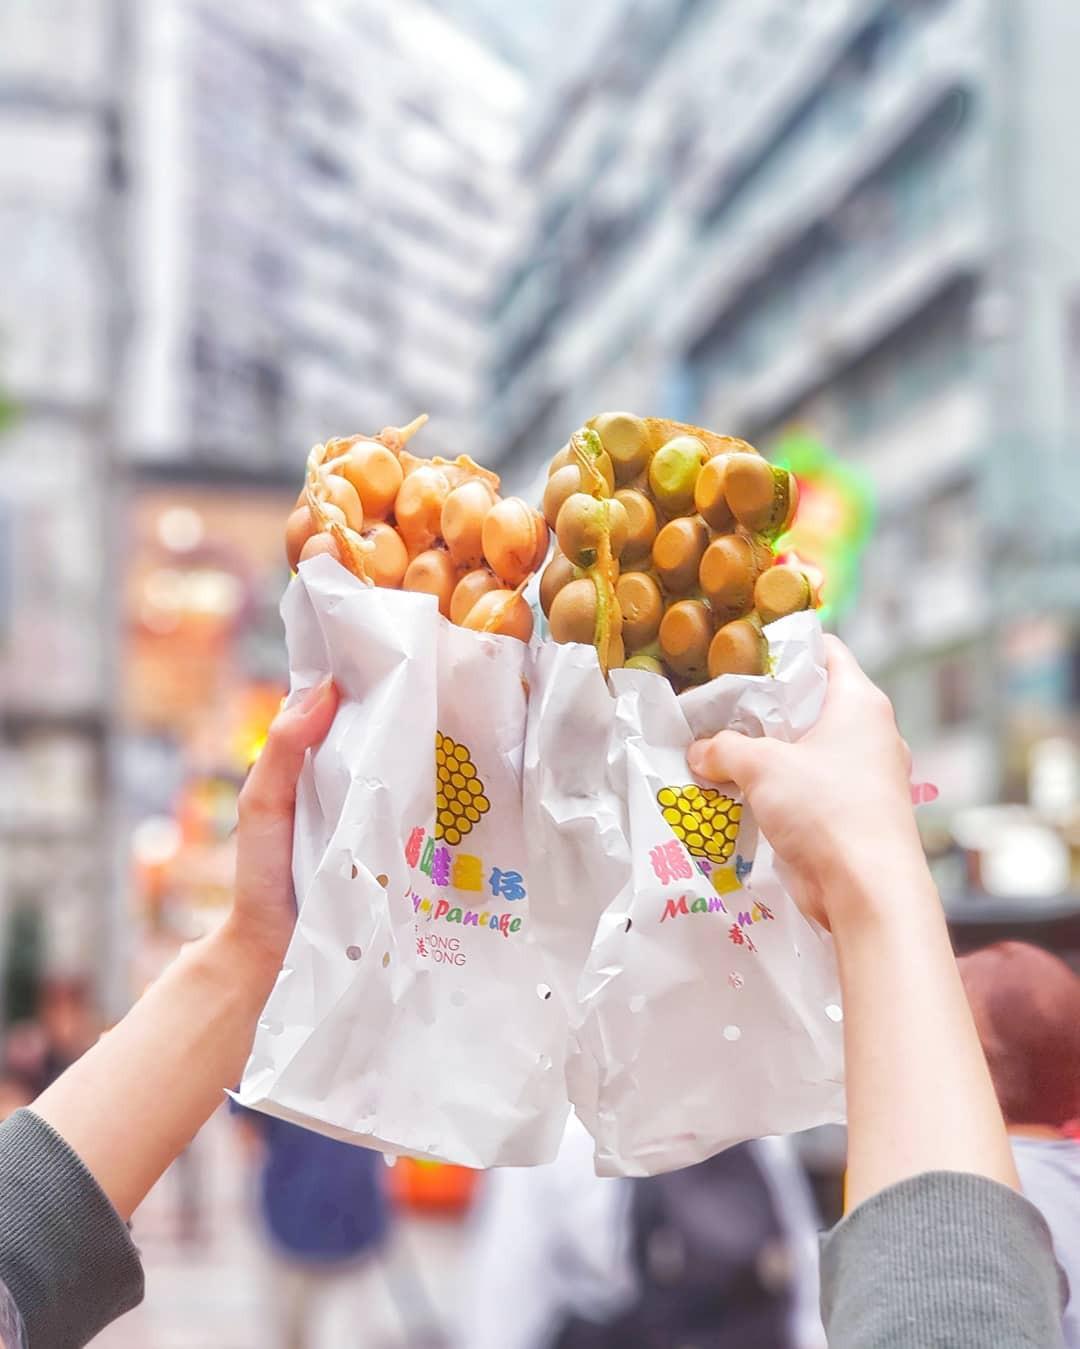 Nằm lòng 7 món ăn vặt siêu hấp dẫn cho team du lịch quét sập Hong Kong - Ảnh 1.